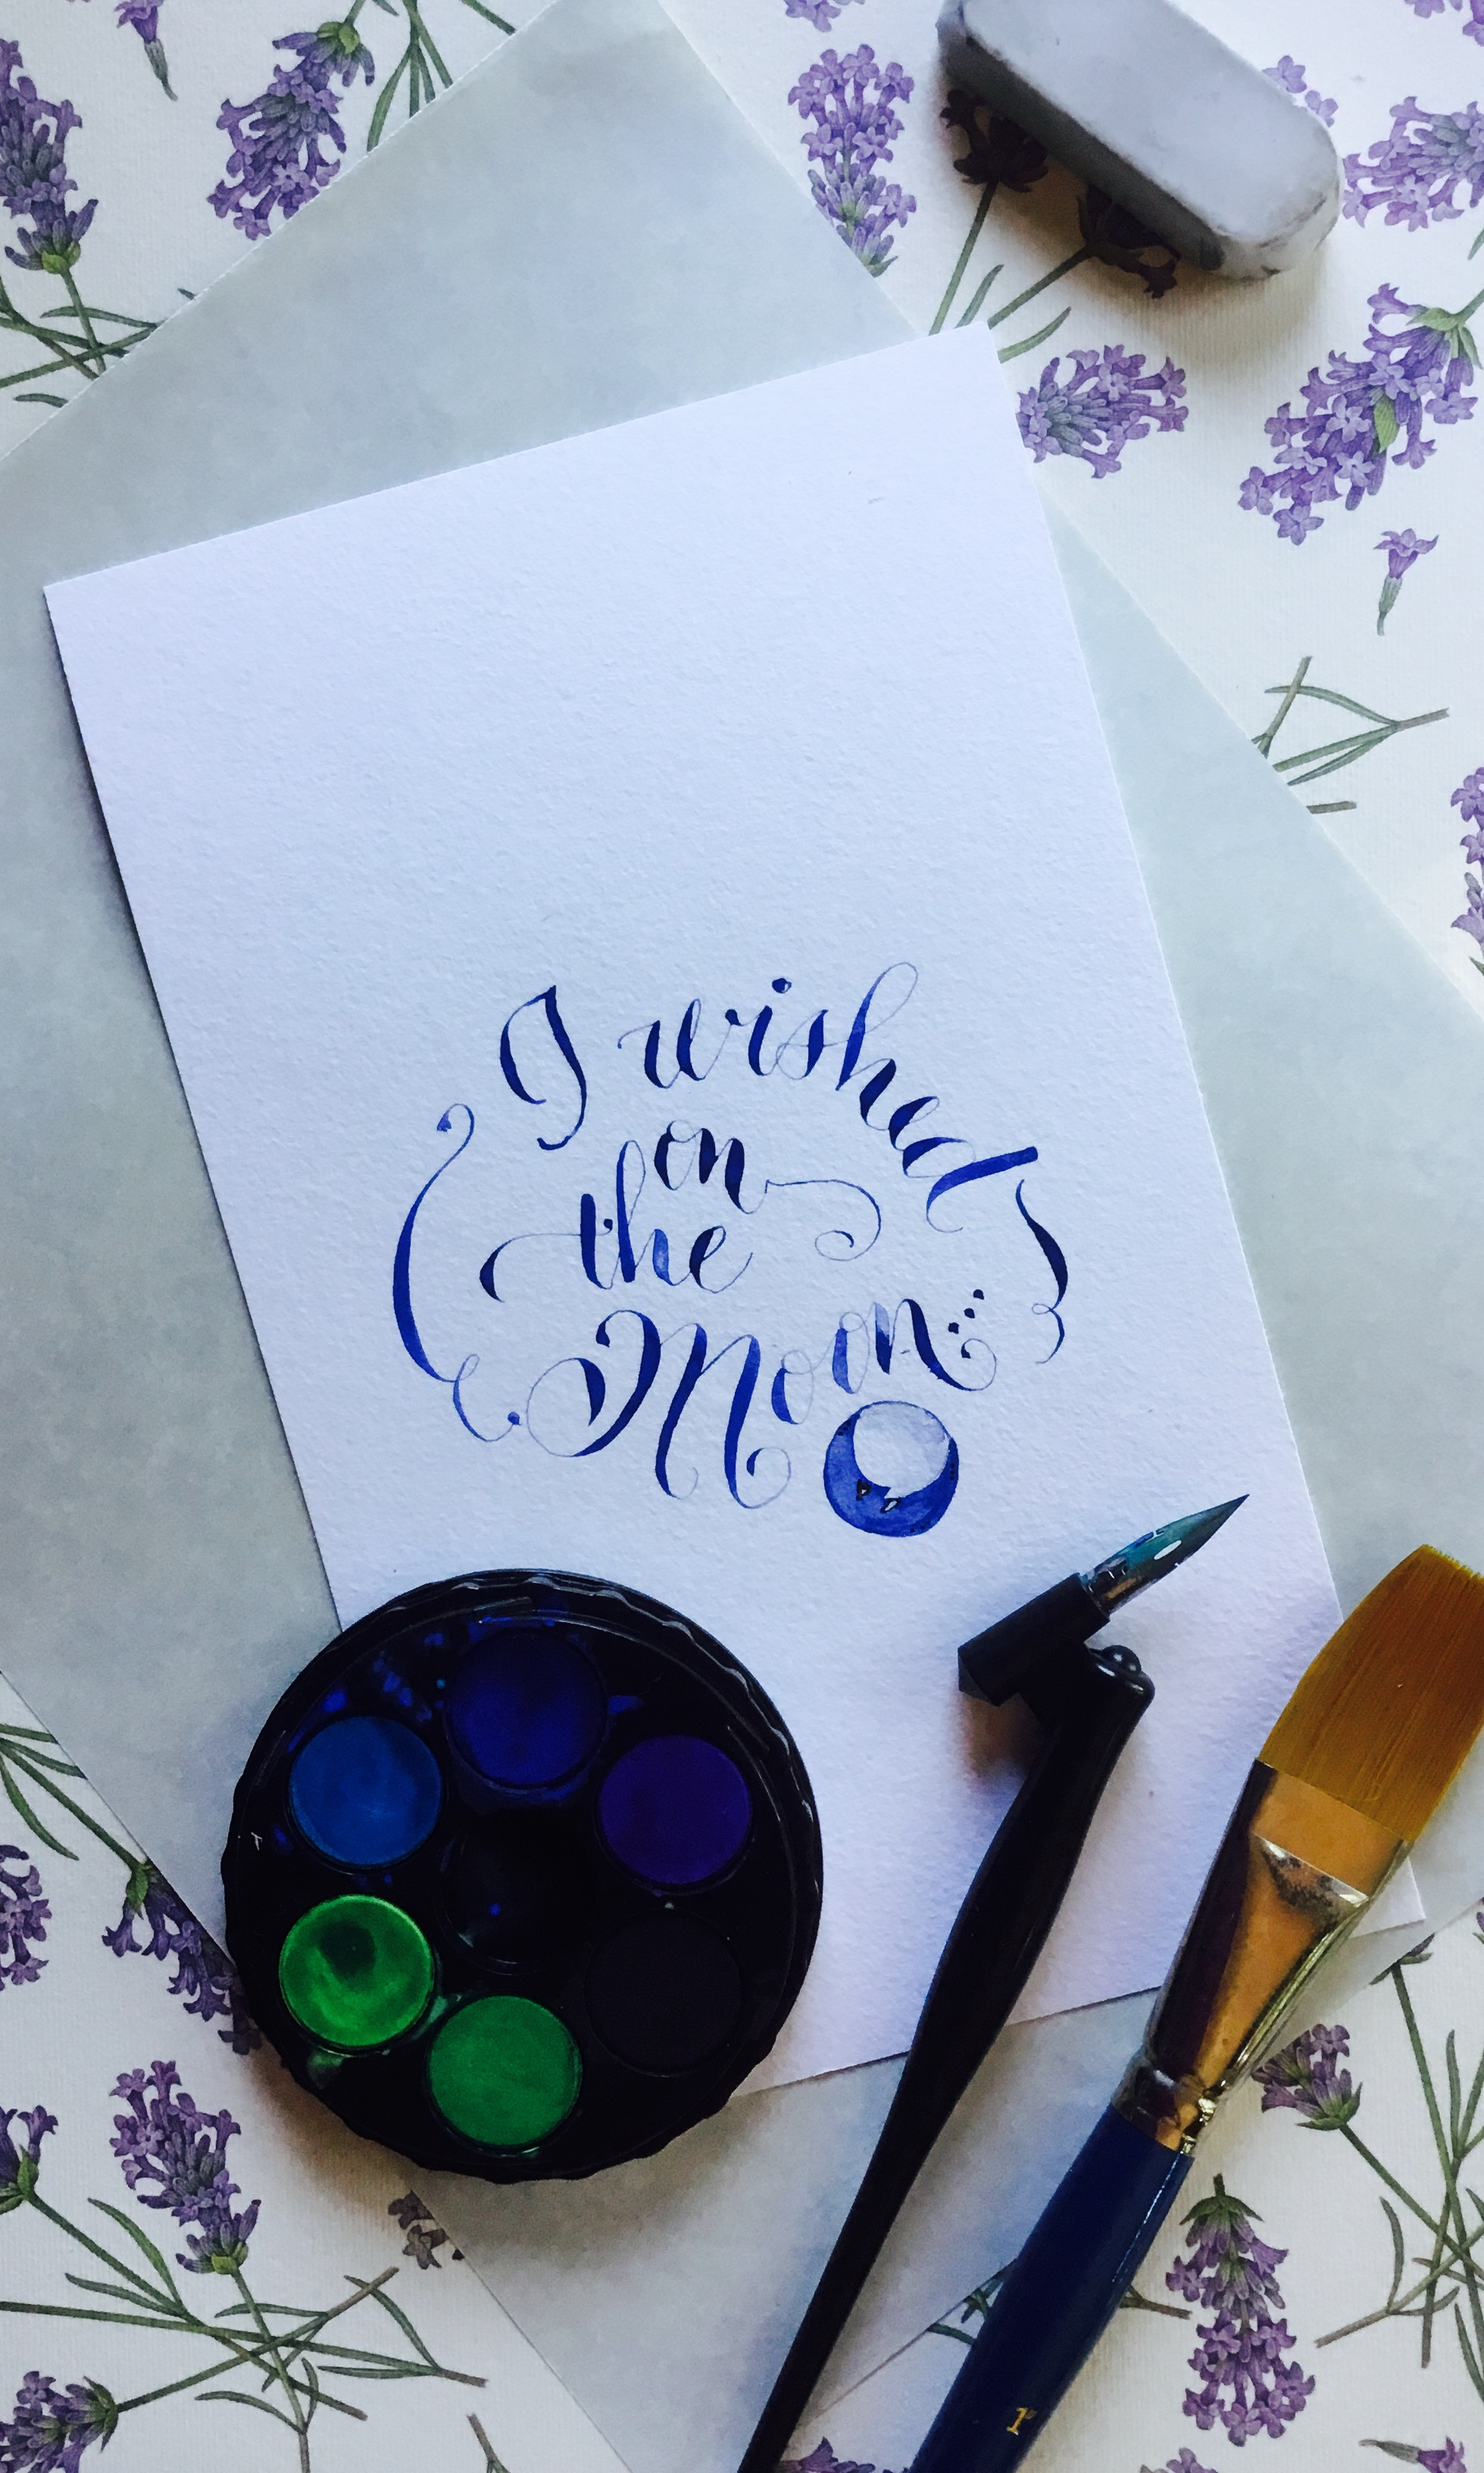 Calligraphy I wished on the Moon